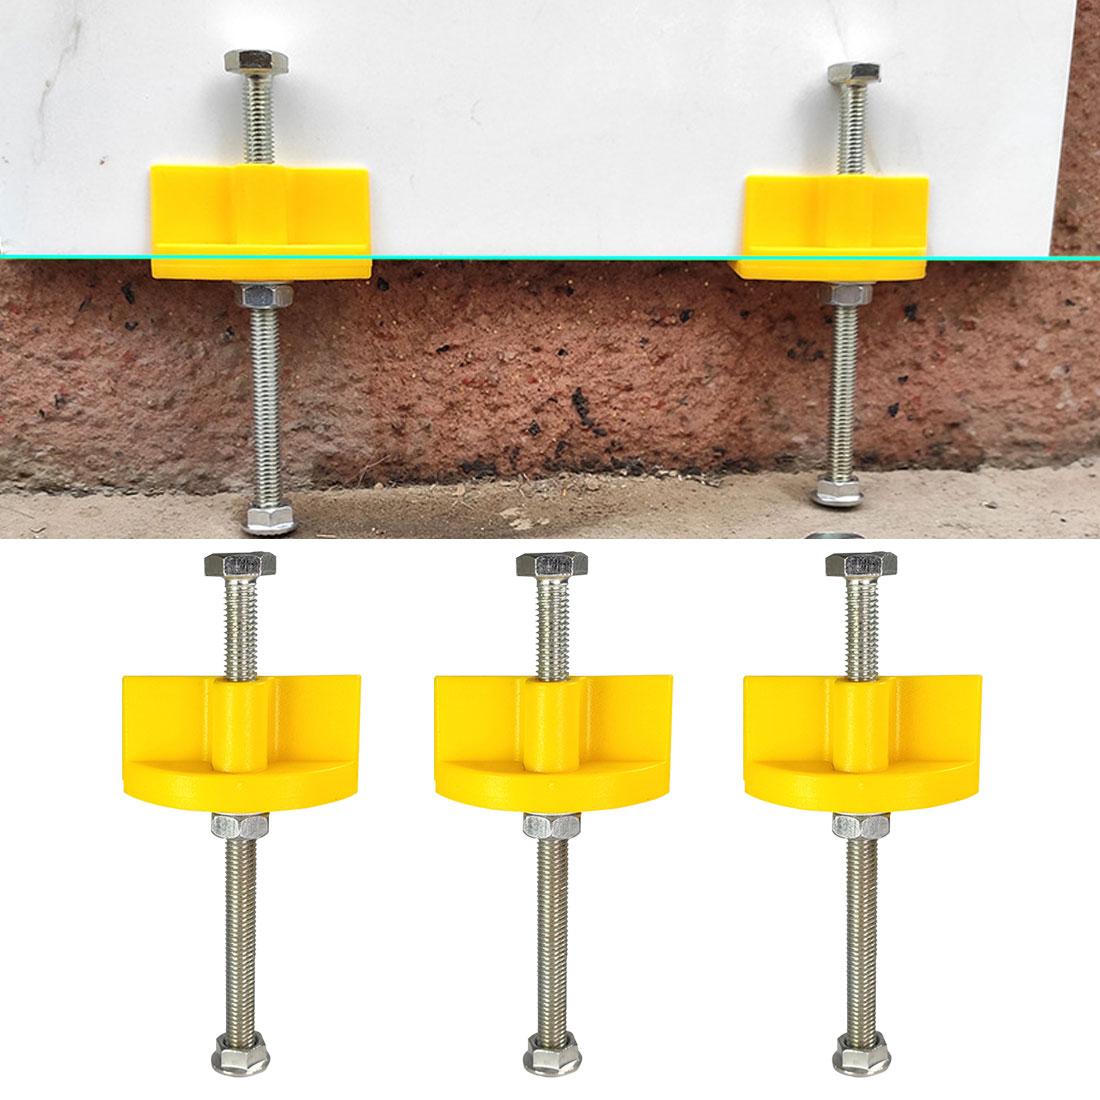 Manual de Parede Ajuste Altura Regulador Telha Localizador Parede Cerâmica Nivelamento Ferramenta Construção 10 Pçs